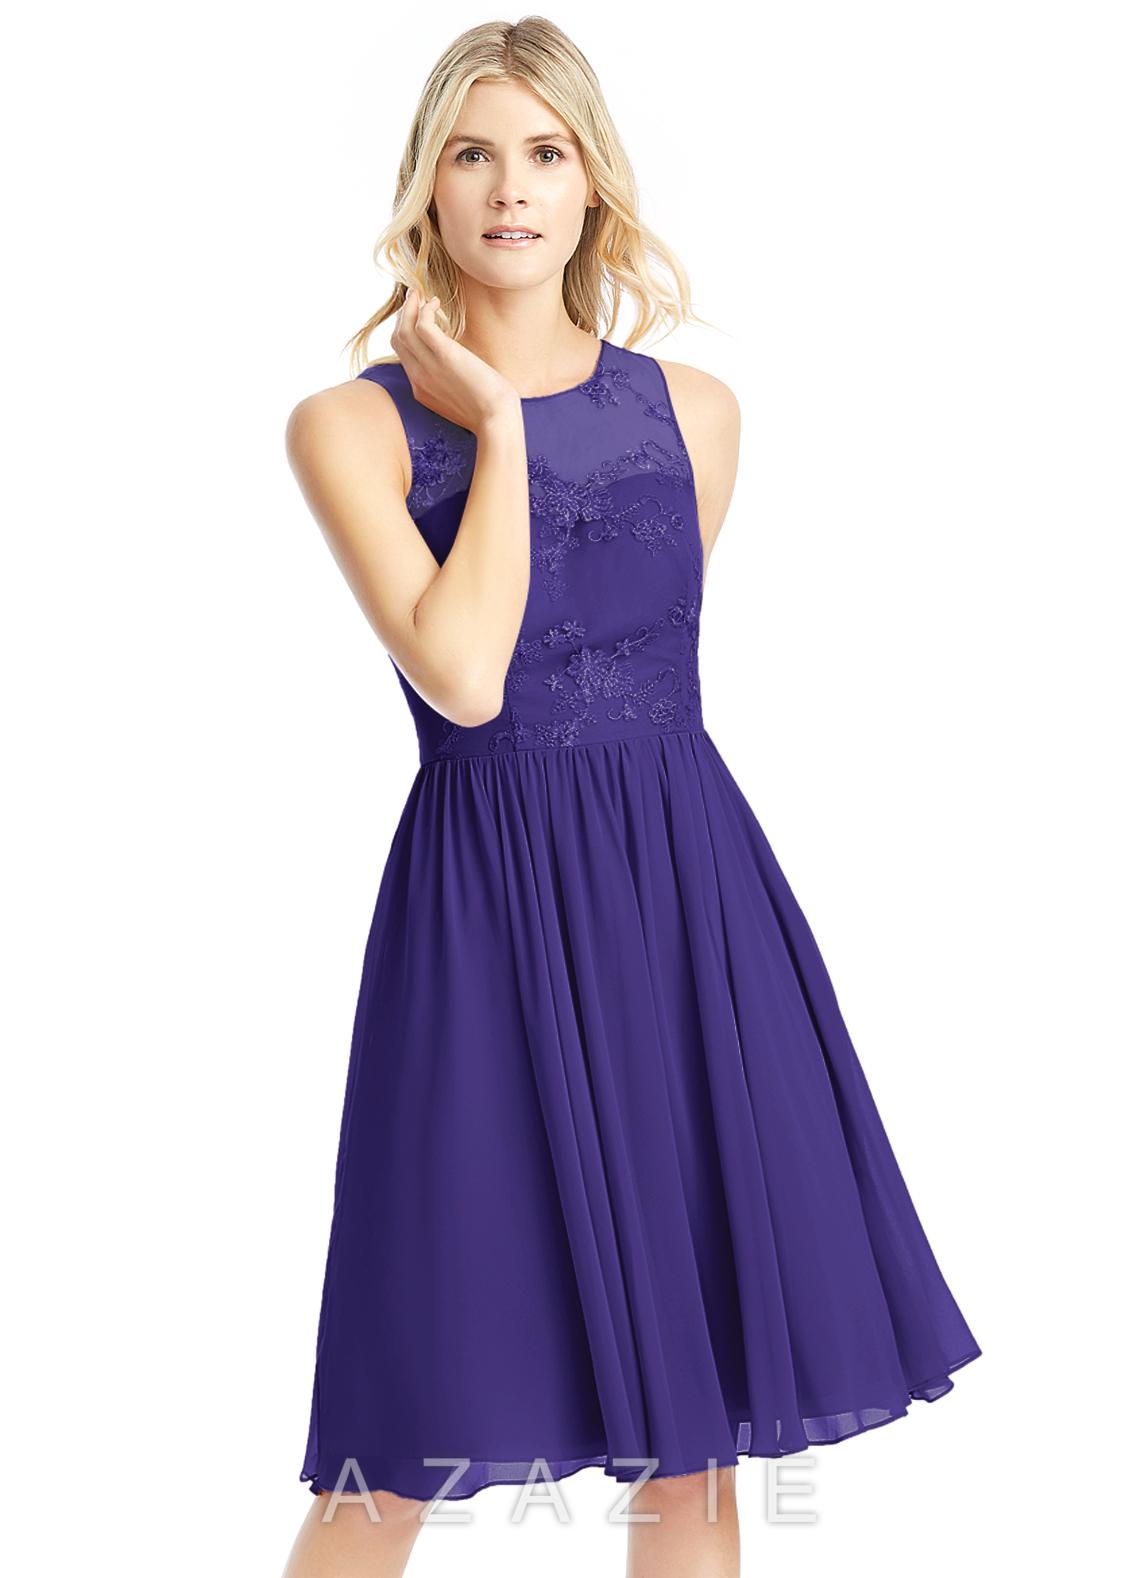 Azazie Victoria Bridesmaid Dress | Azazie